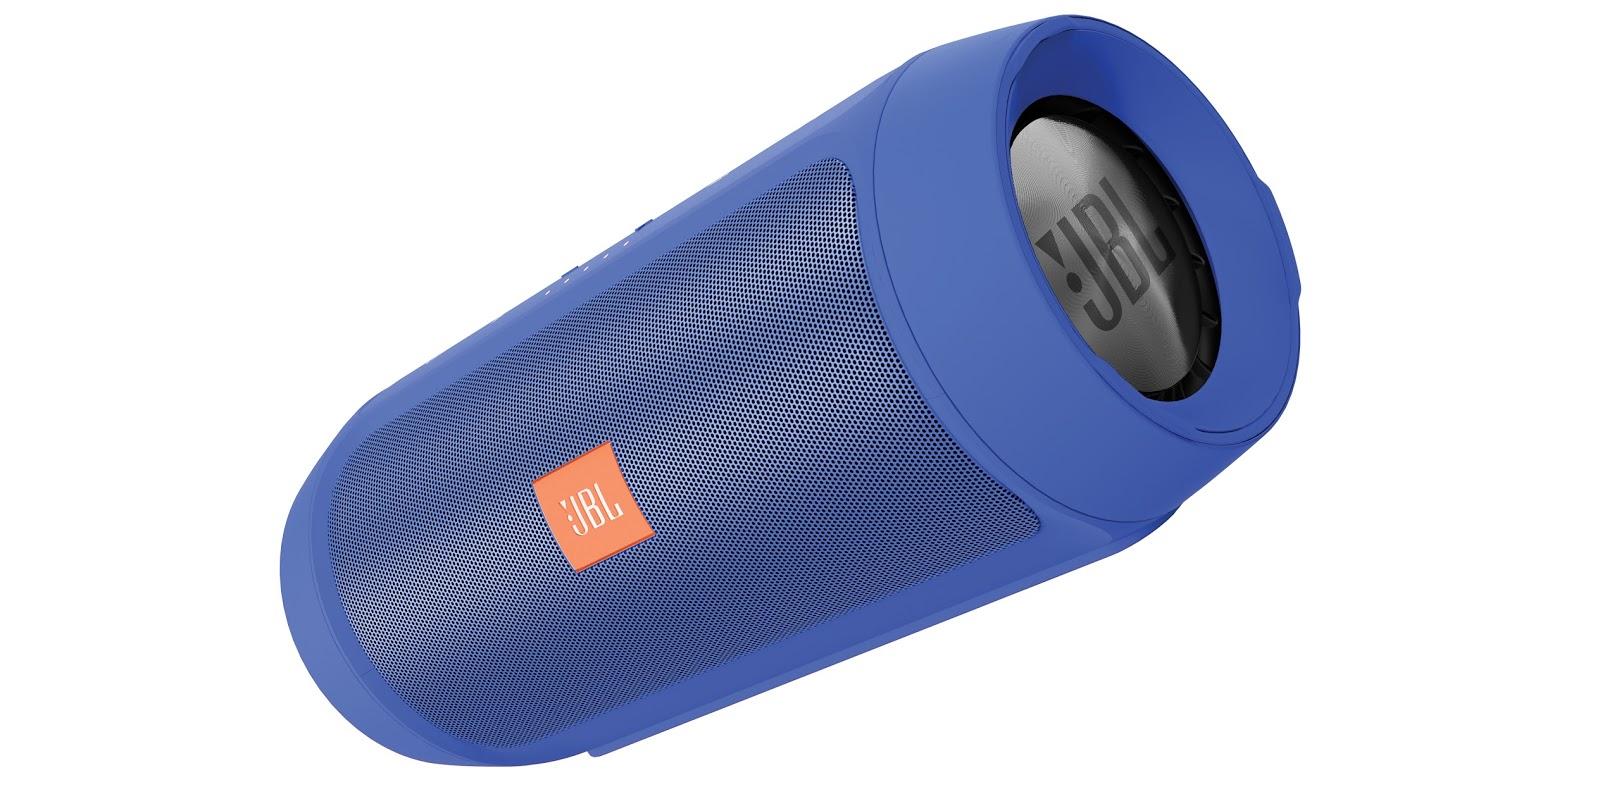 JBL Charge 2+ Odporny na zachlapania bezprzewodowy głośnik Bluetooth z akumulatorem Kolor: Niebieski Polska Gwarancja